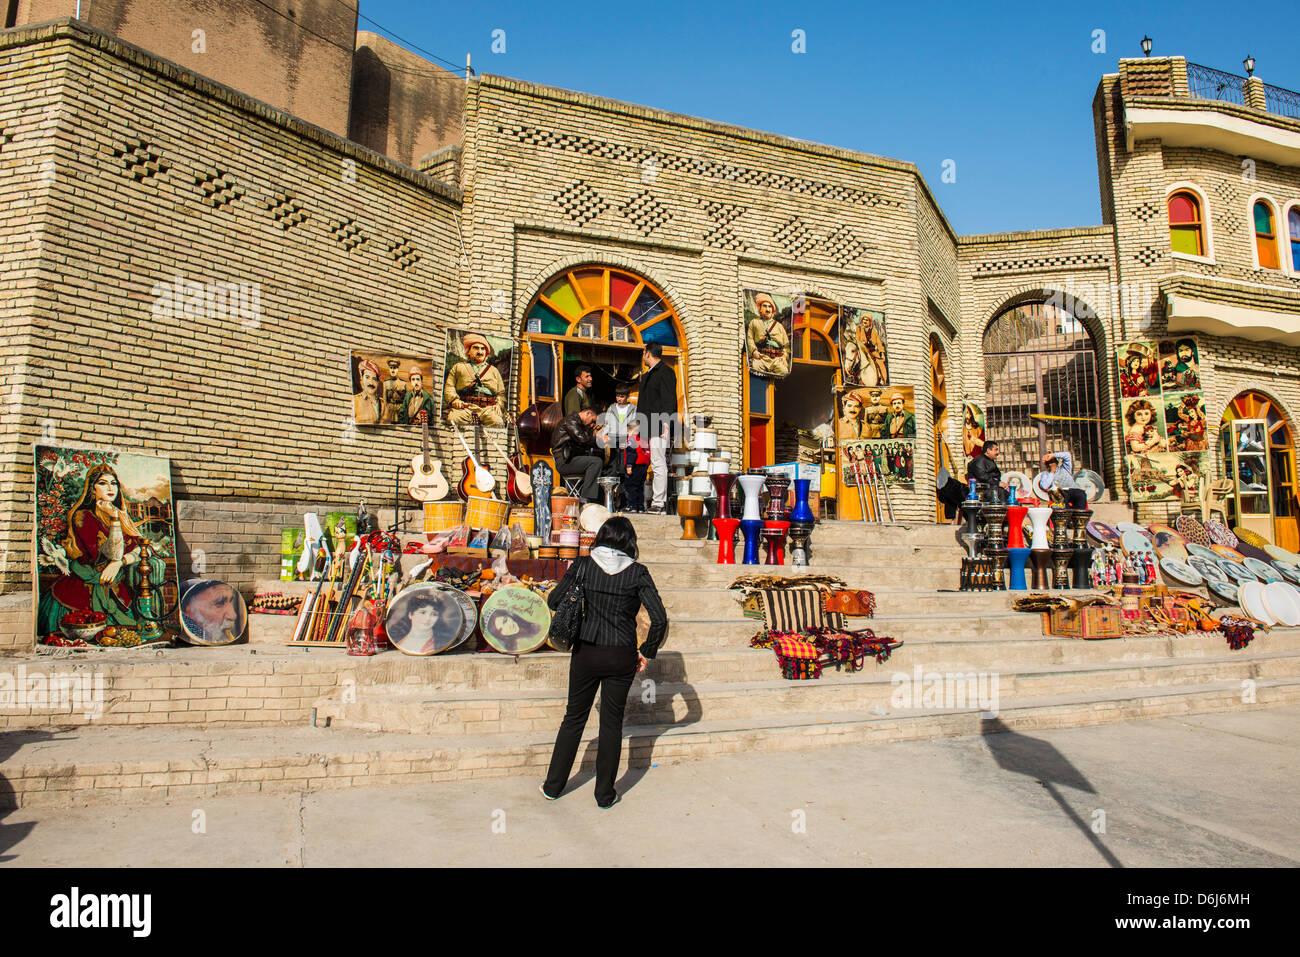 Kurdische Souvenirs zum Verkauf unterhalb der Zitadelle von Erbil (Hawler), Hauptstadt von Kurdistan-Irak, Irak, Stockbild